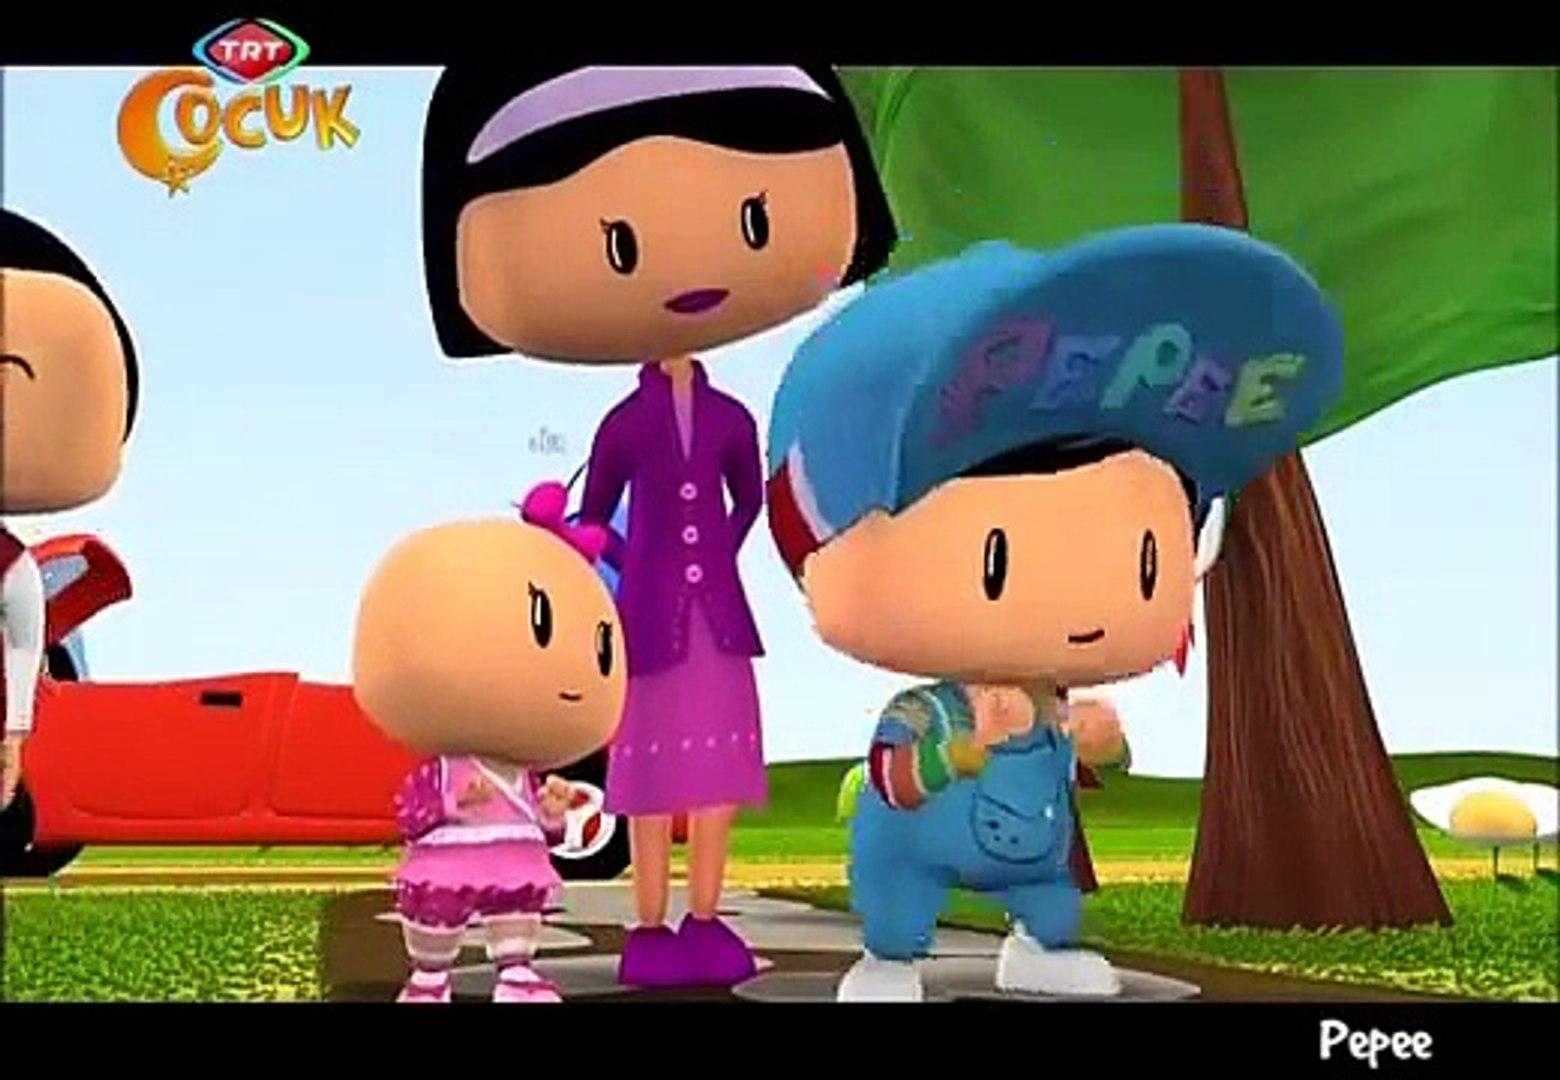 Pepee - Yeni Bölüm - TRT Çocuk - Dedeenin Çiftliği - Çizgi Film - Mart 2013 Çizgi filmi